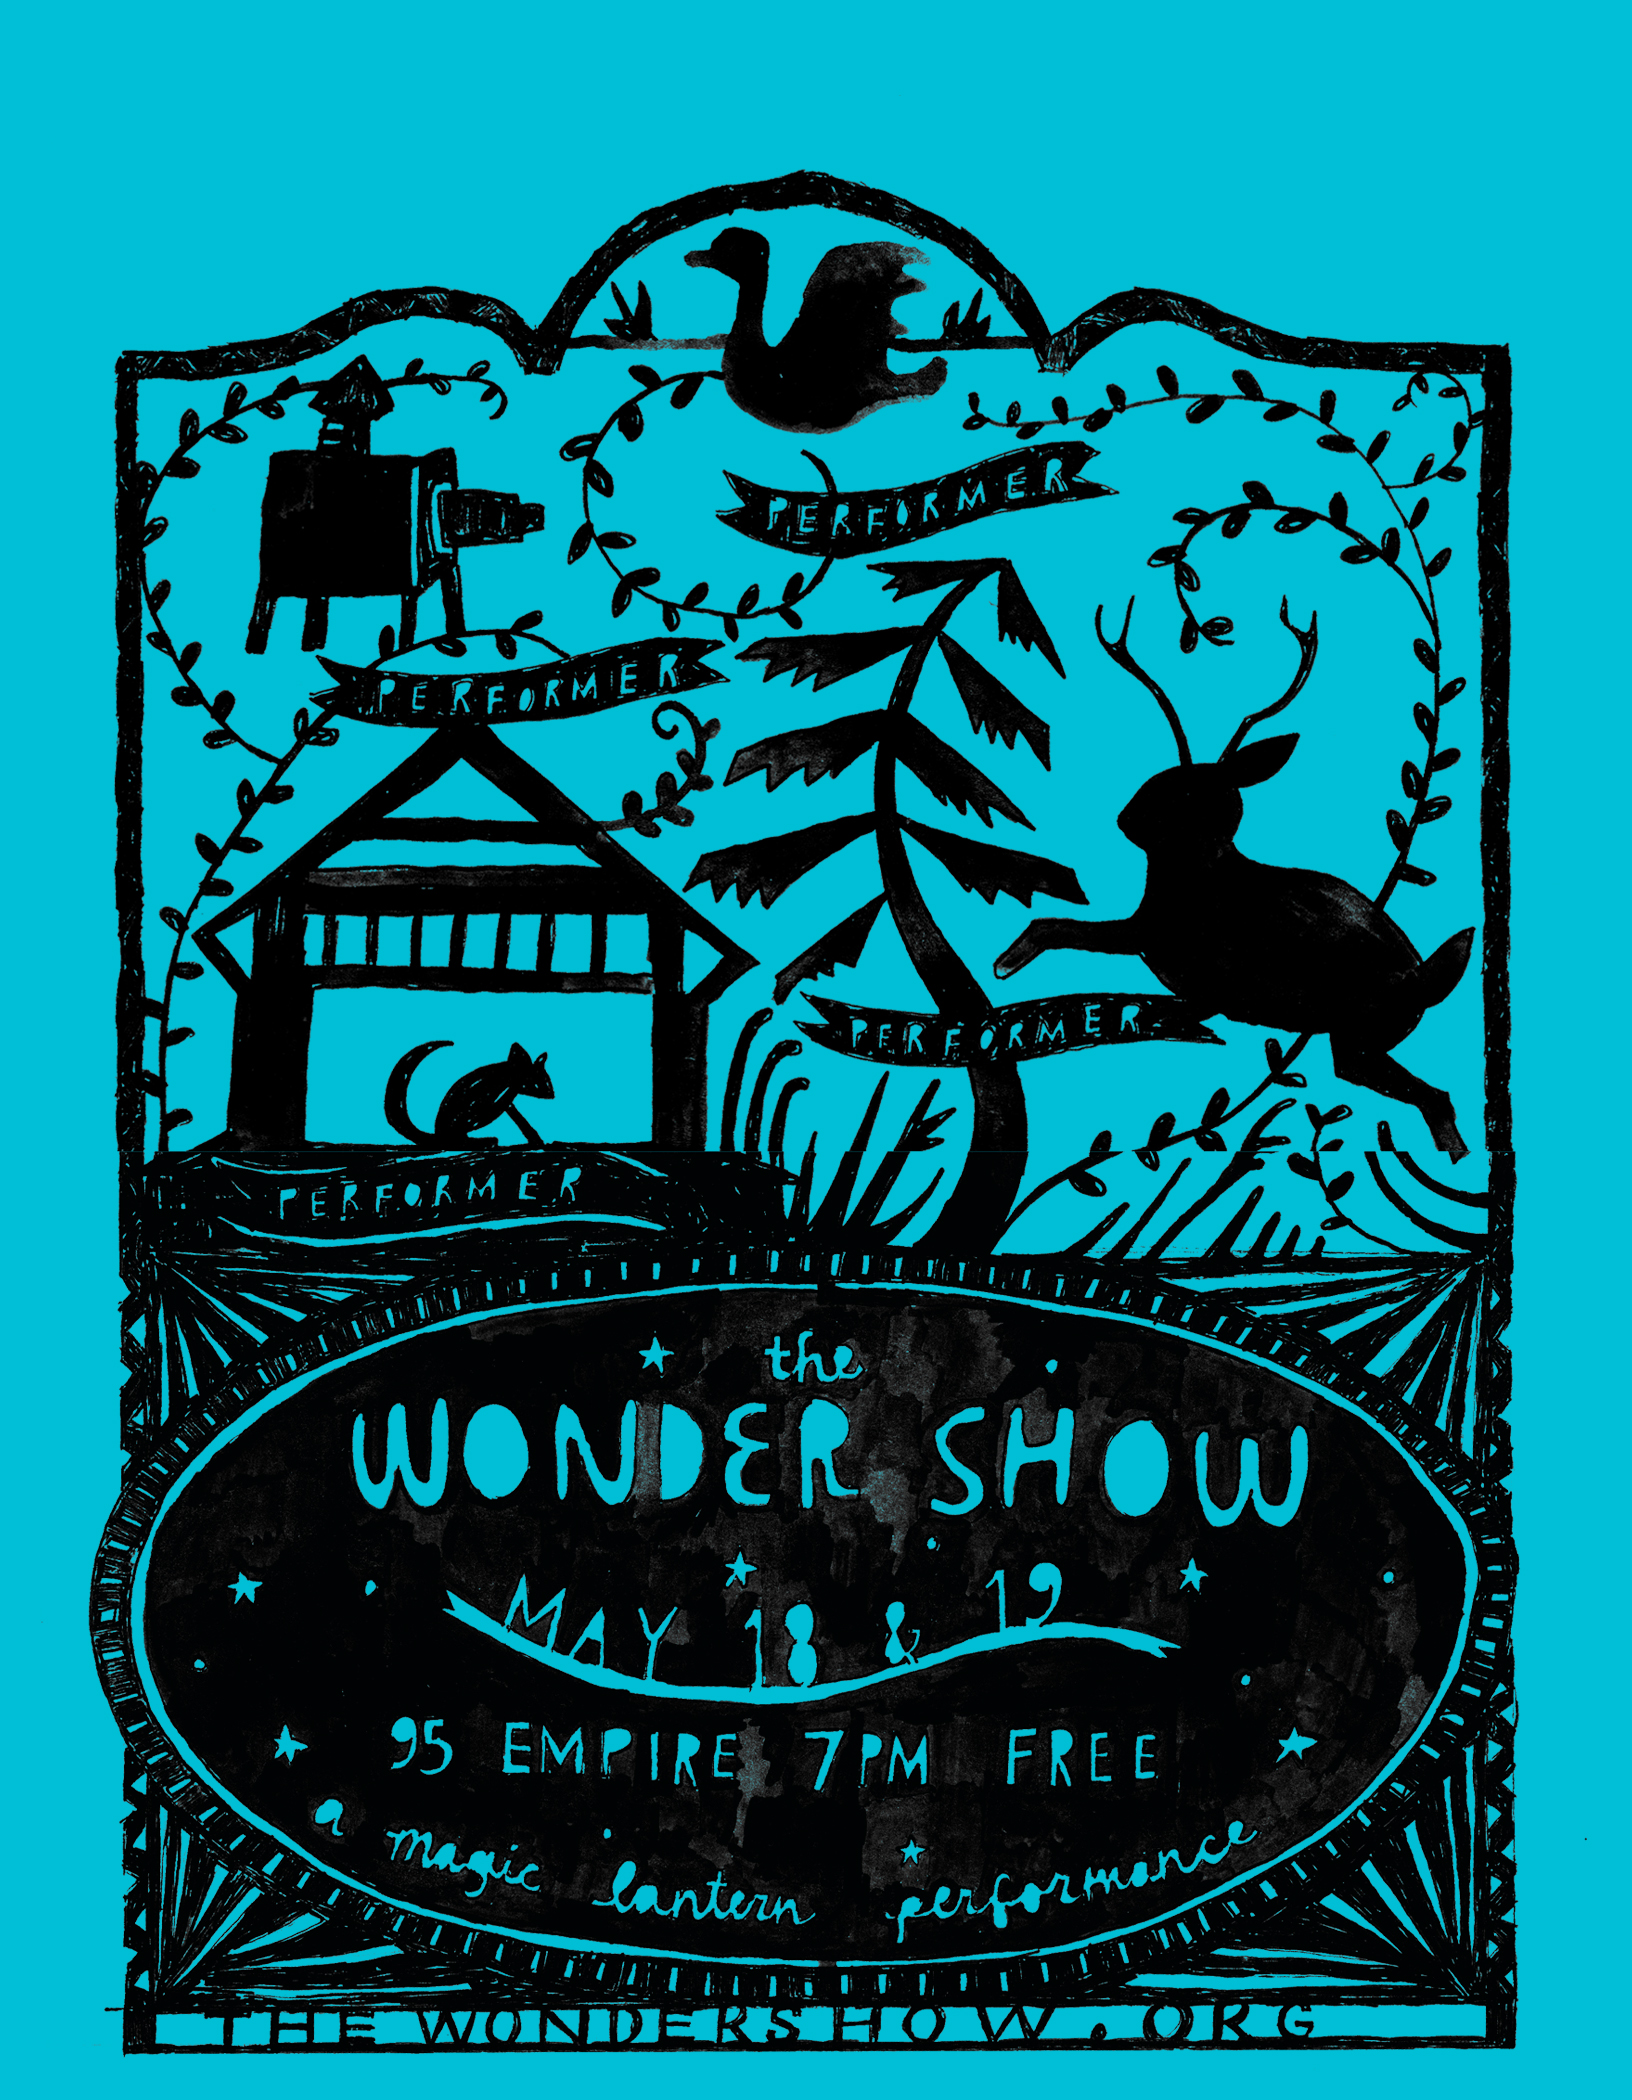 wonder_show_sketch.jpg